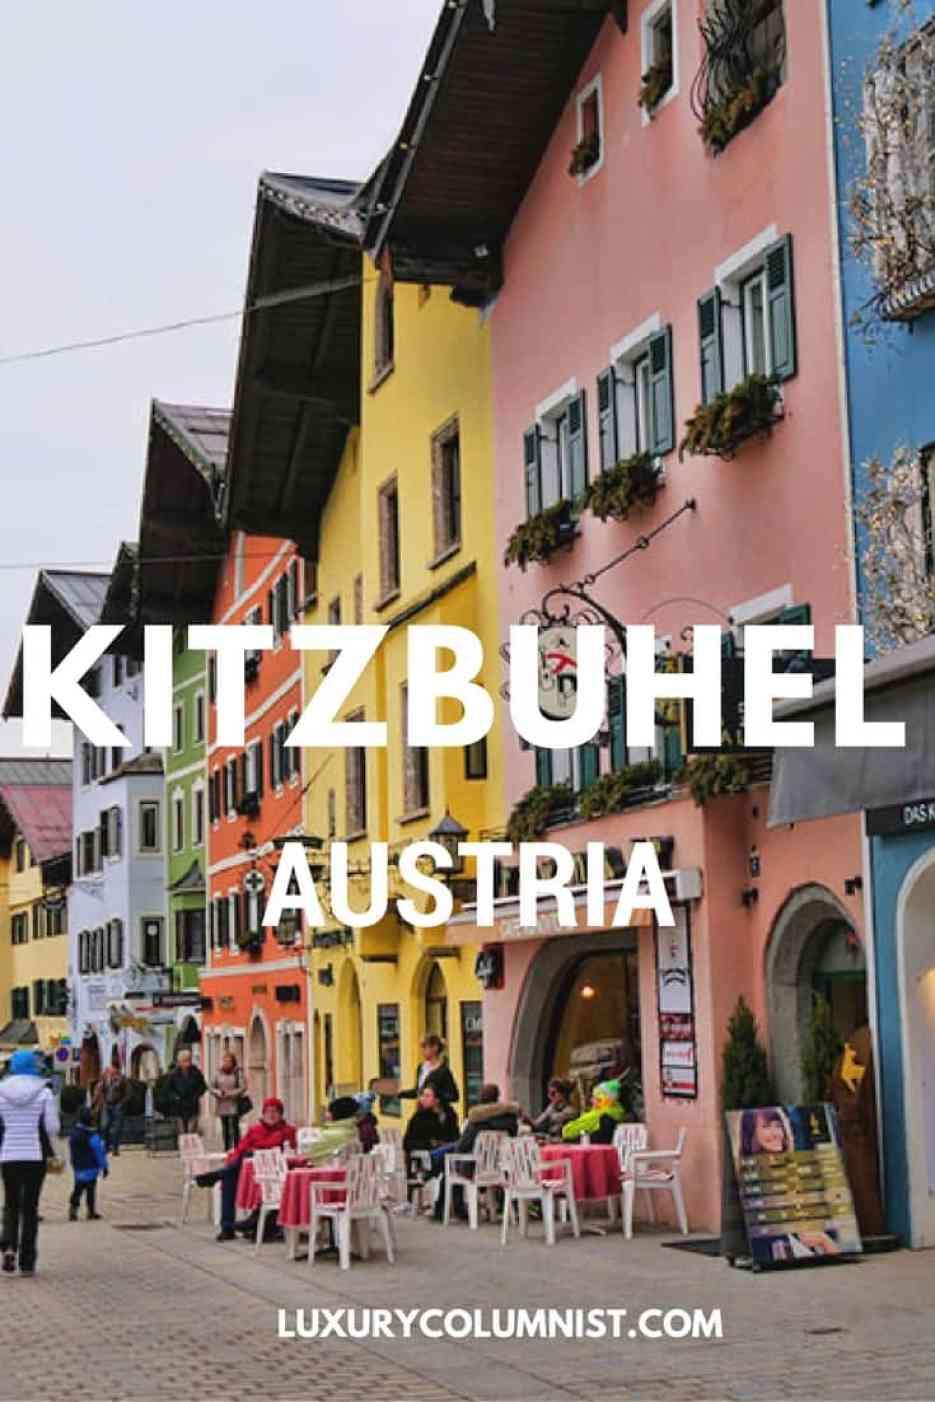 Kitzbuhel, Austria - World's Best Ski Resort